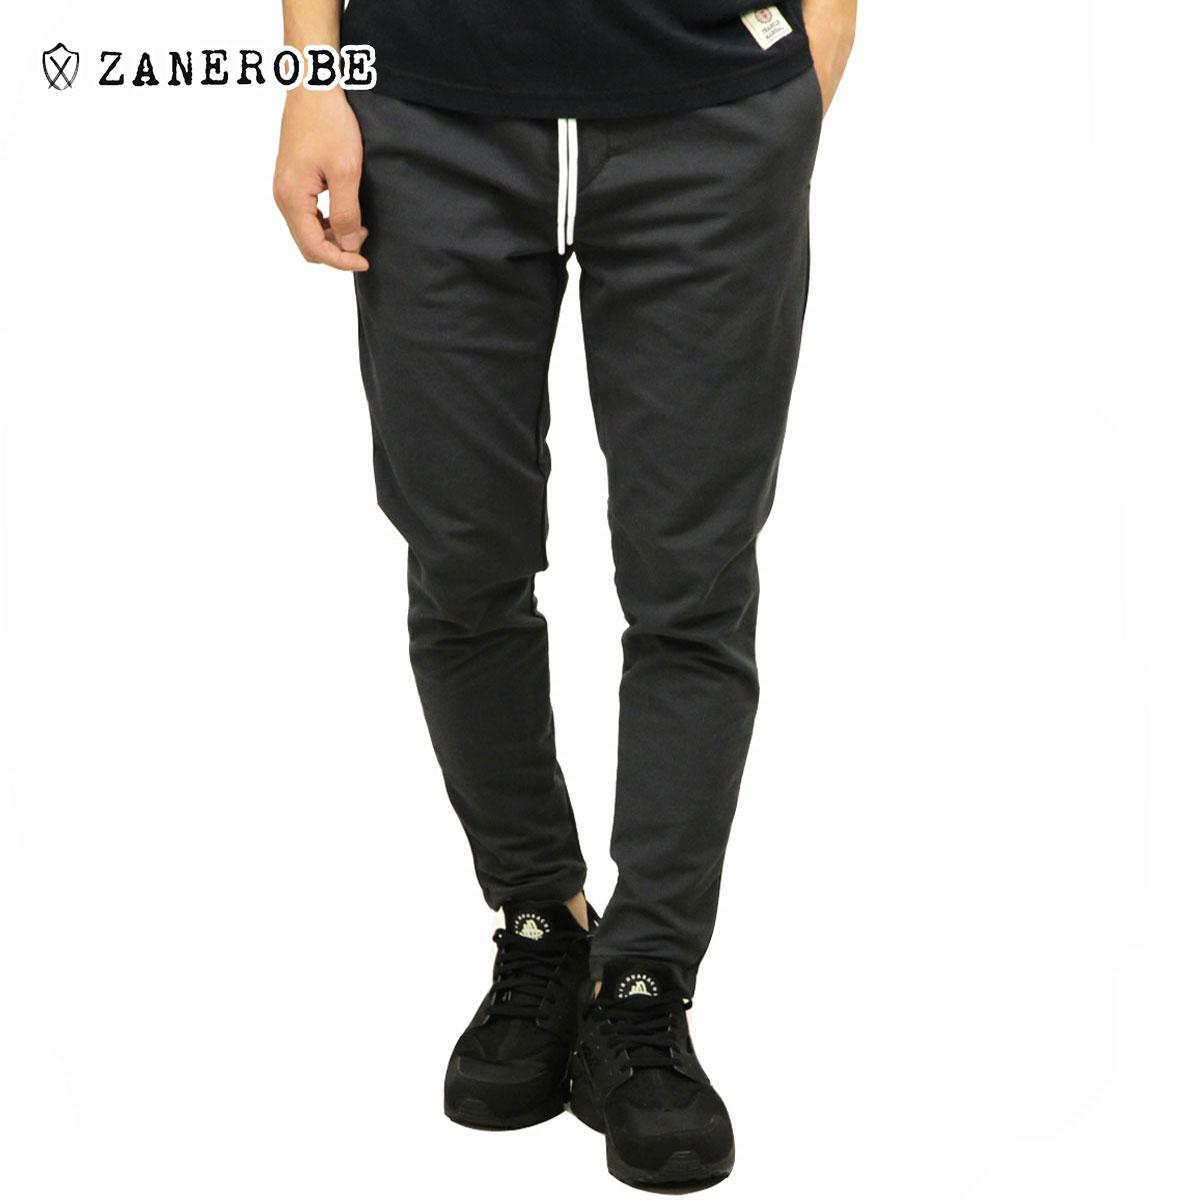 ゼンローブ ZANEROBE 正規販売店 メンズ トラックパンツ JUMPSHOT TRACK PANTS VINTAGE BLACK 700-MET